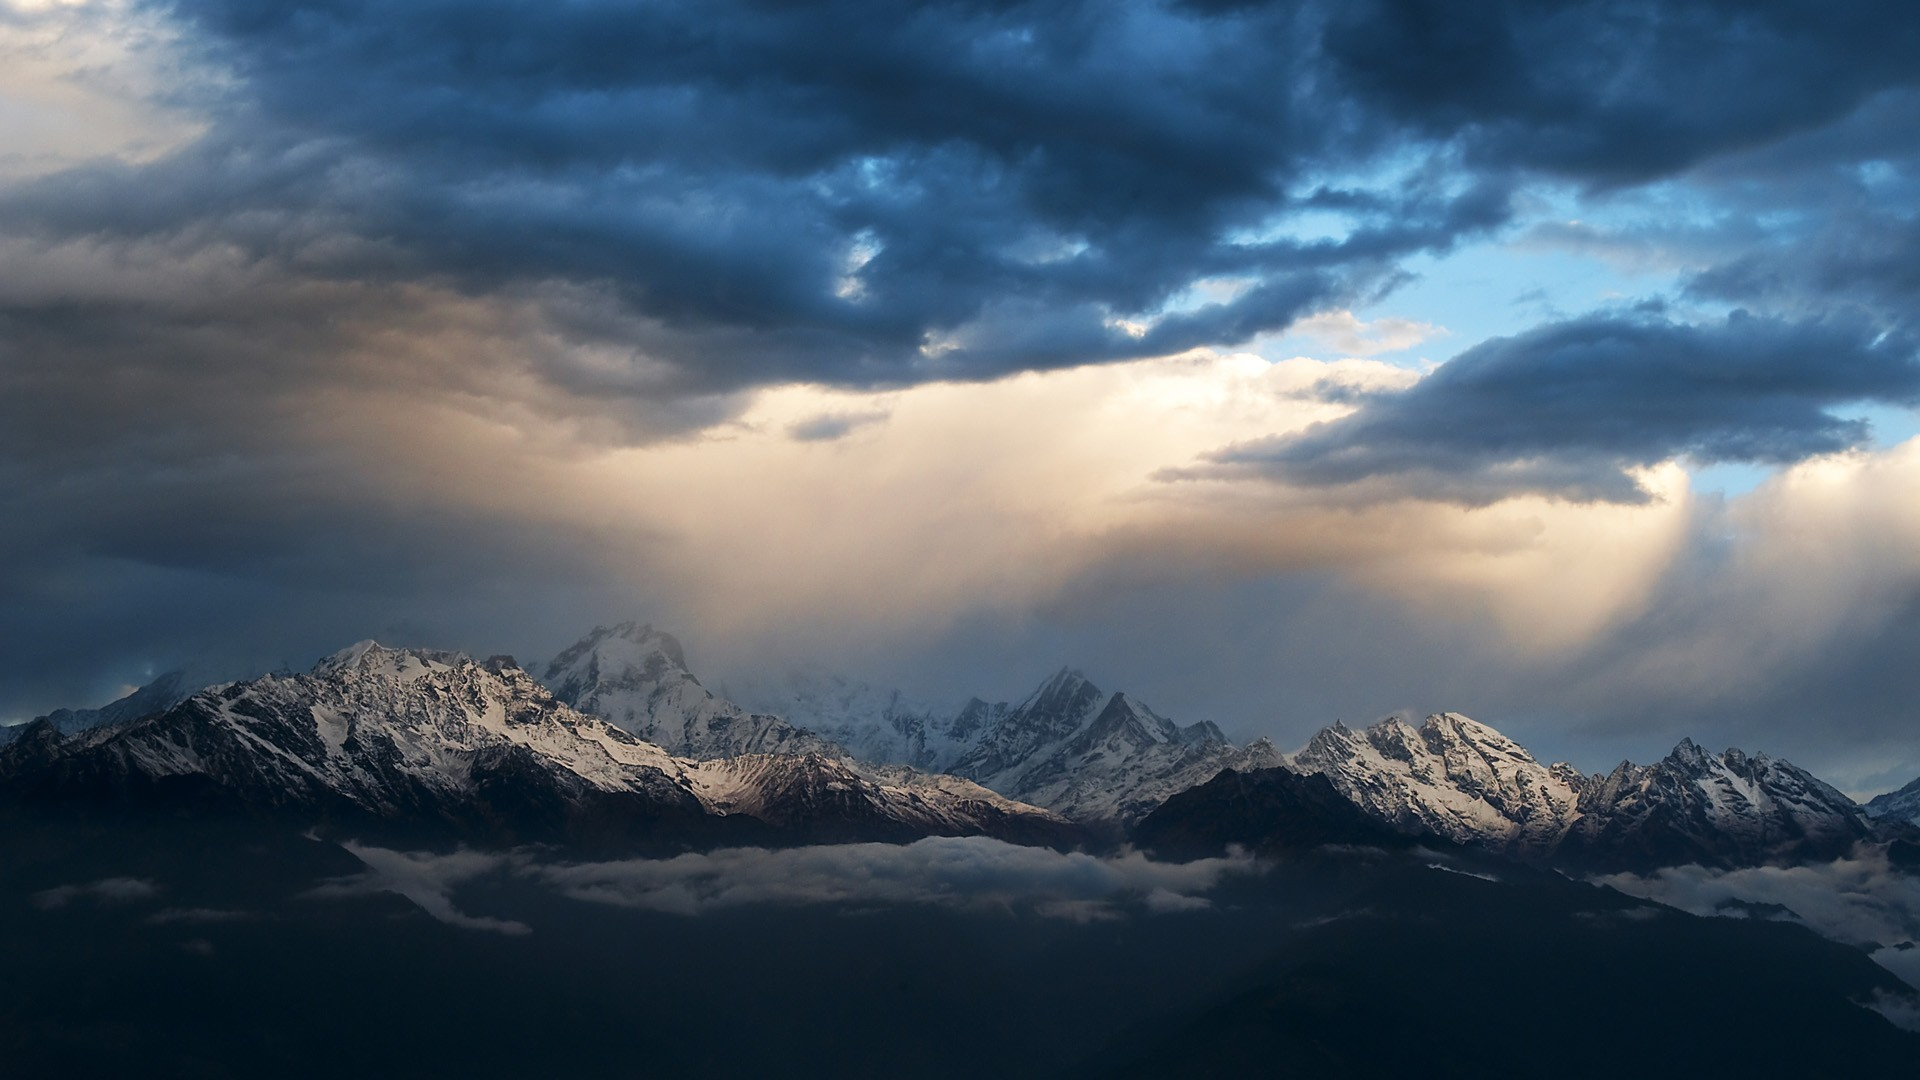 Sunrise mountains Nepal Himalaya wallpaper 1920x1080 62598 1920x1080